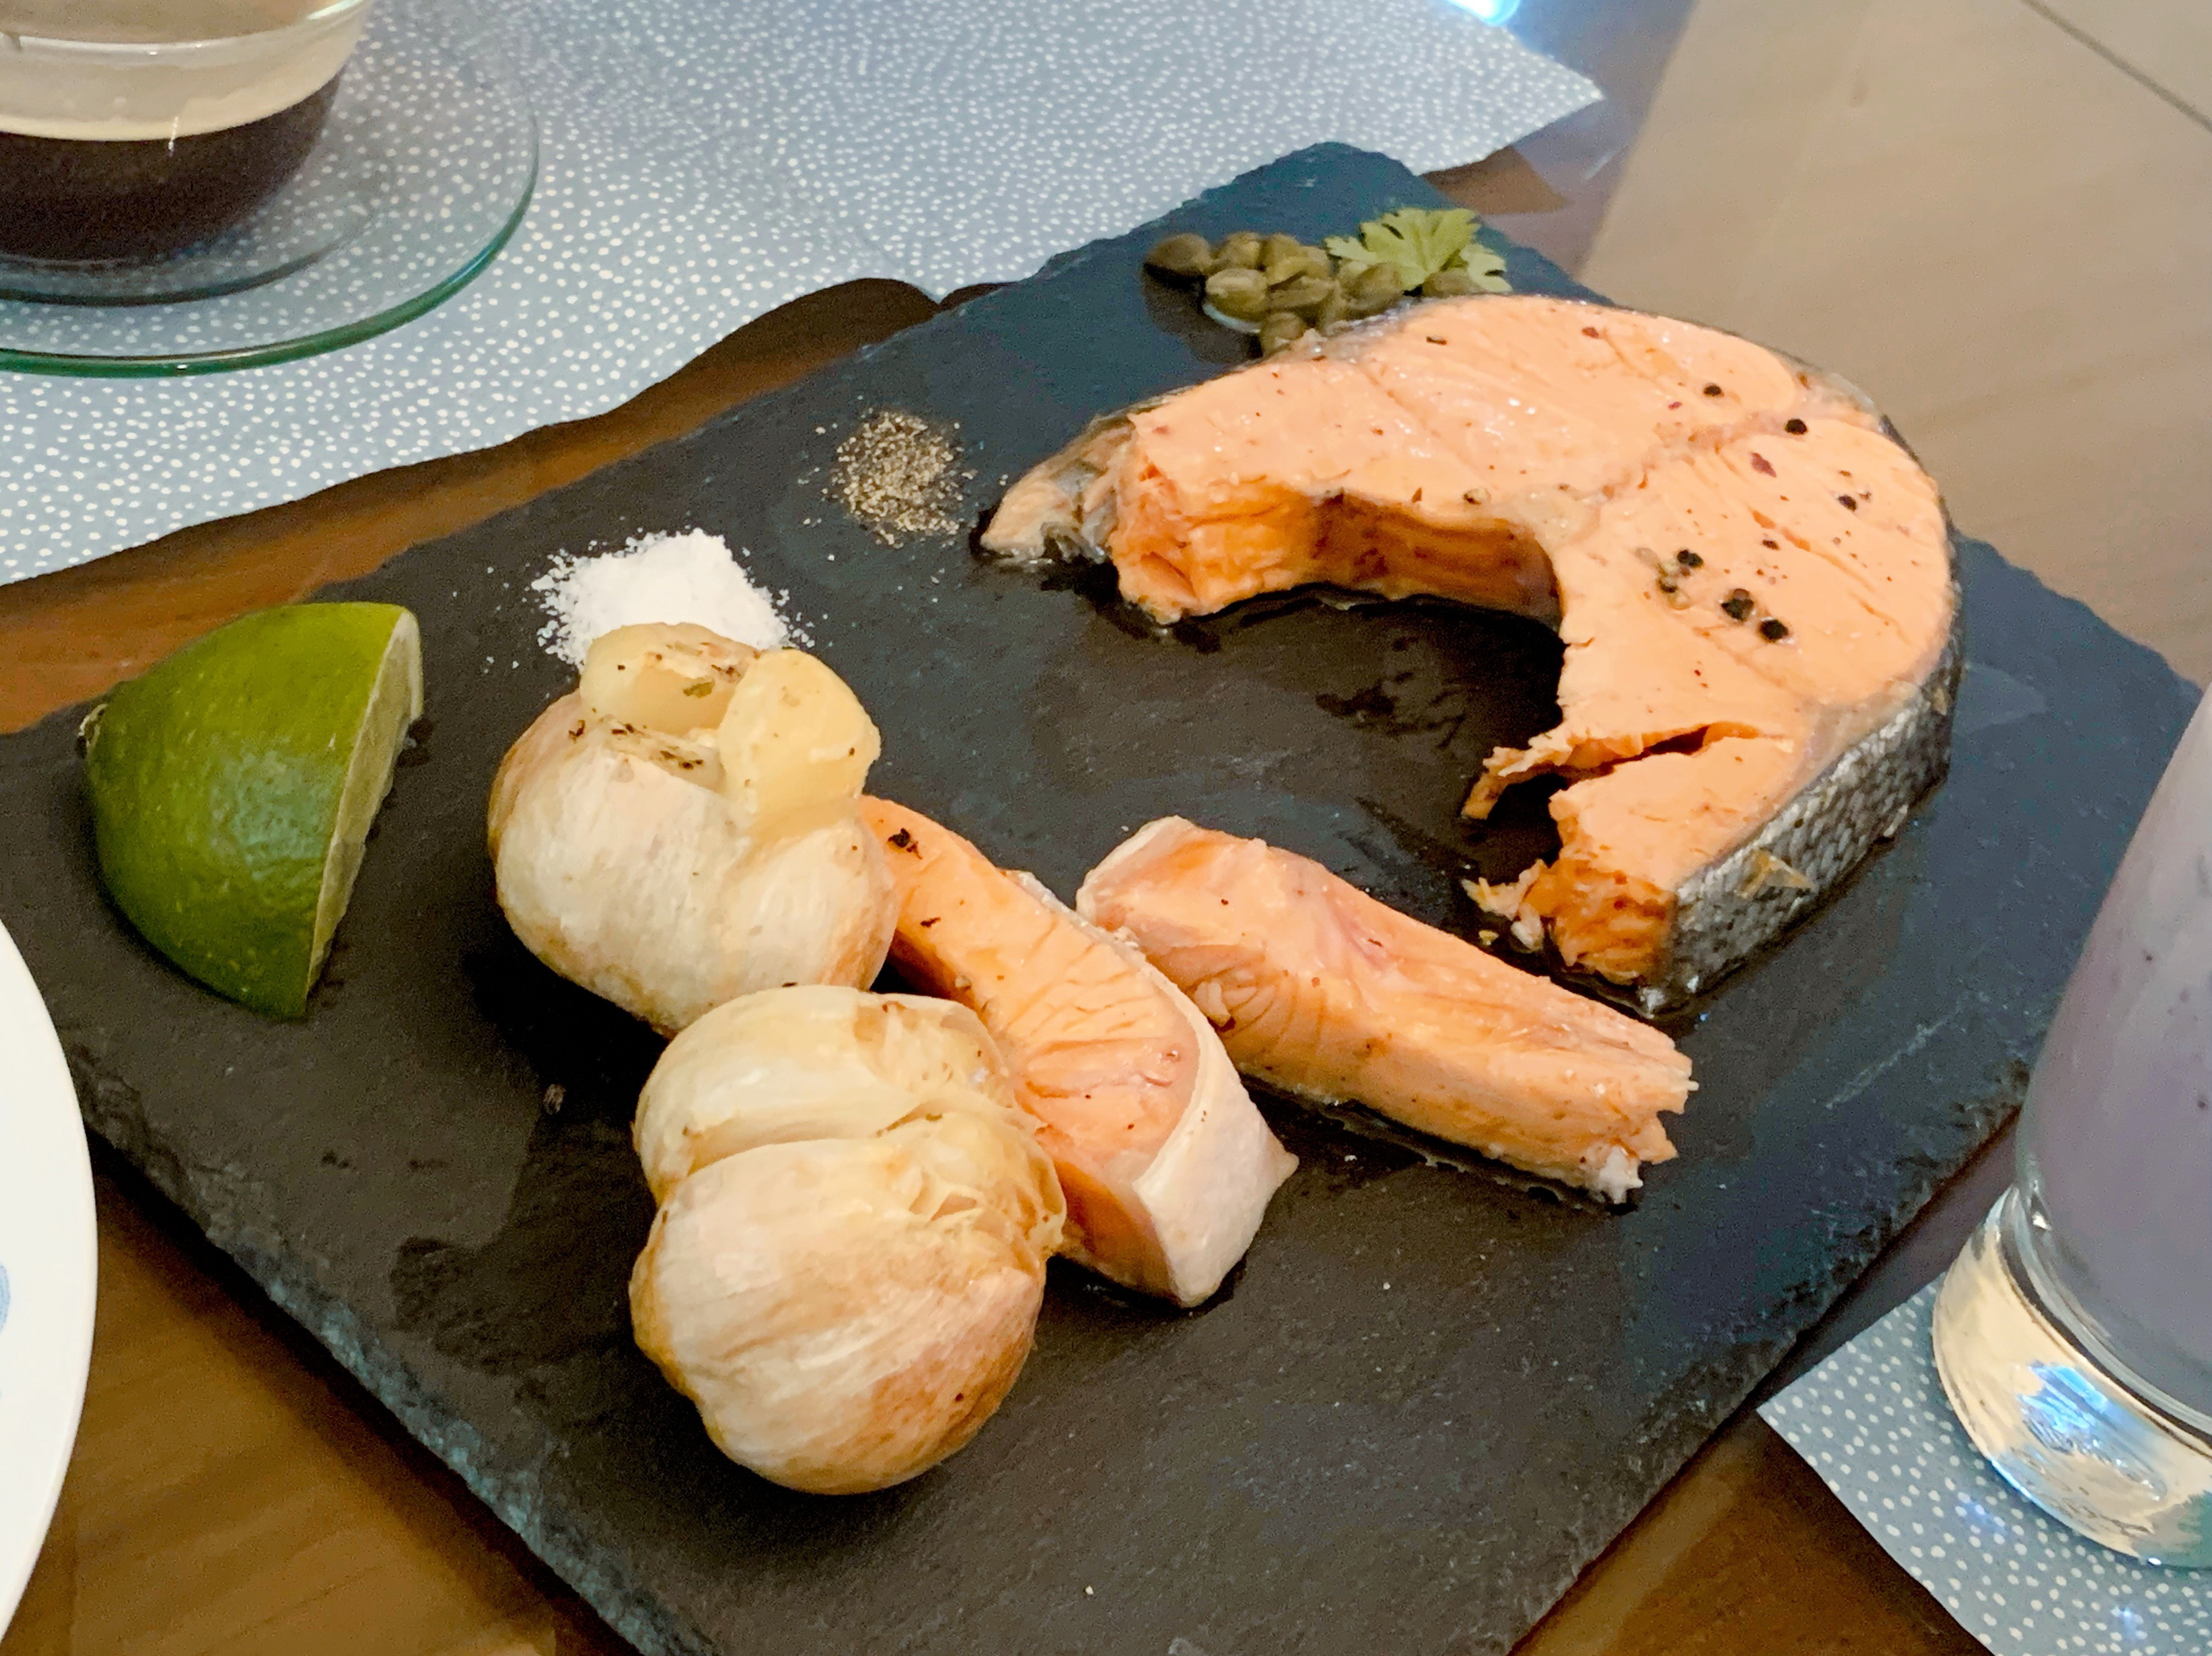 平底鍋🍳版香煎鮭魚 加烤大蒜